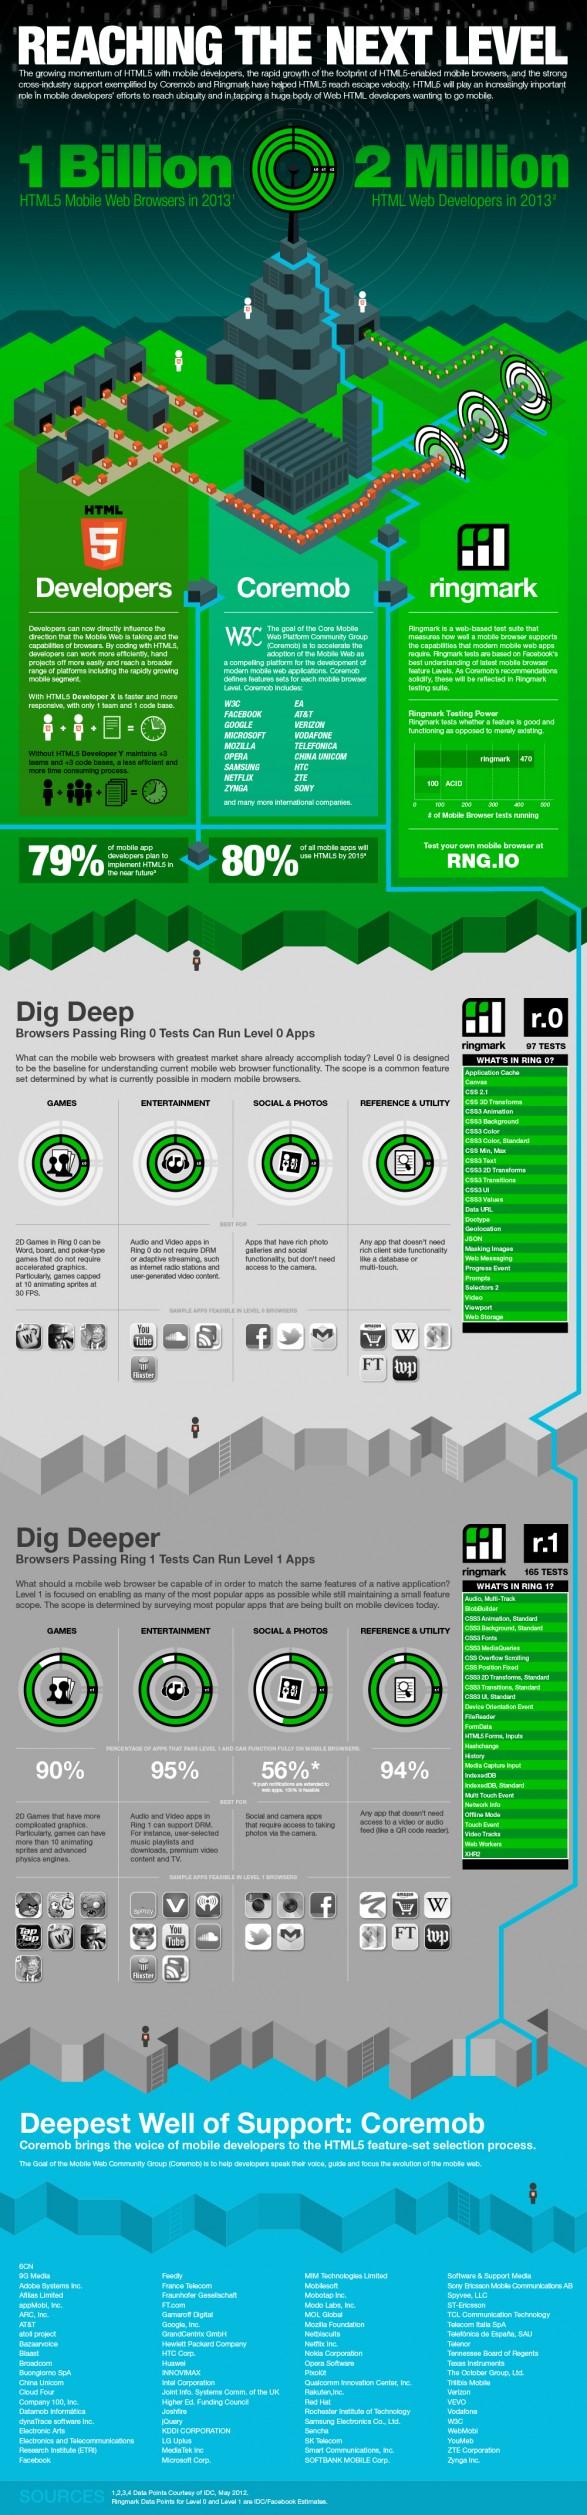 Facebook Ringmark va devenir complètement Open Source - Infographie d'IDC sur la façon dont l'HTML5 est en évolution